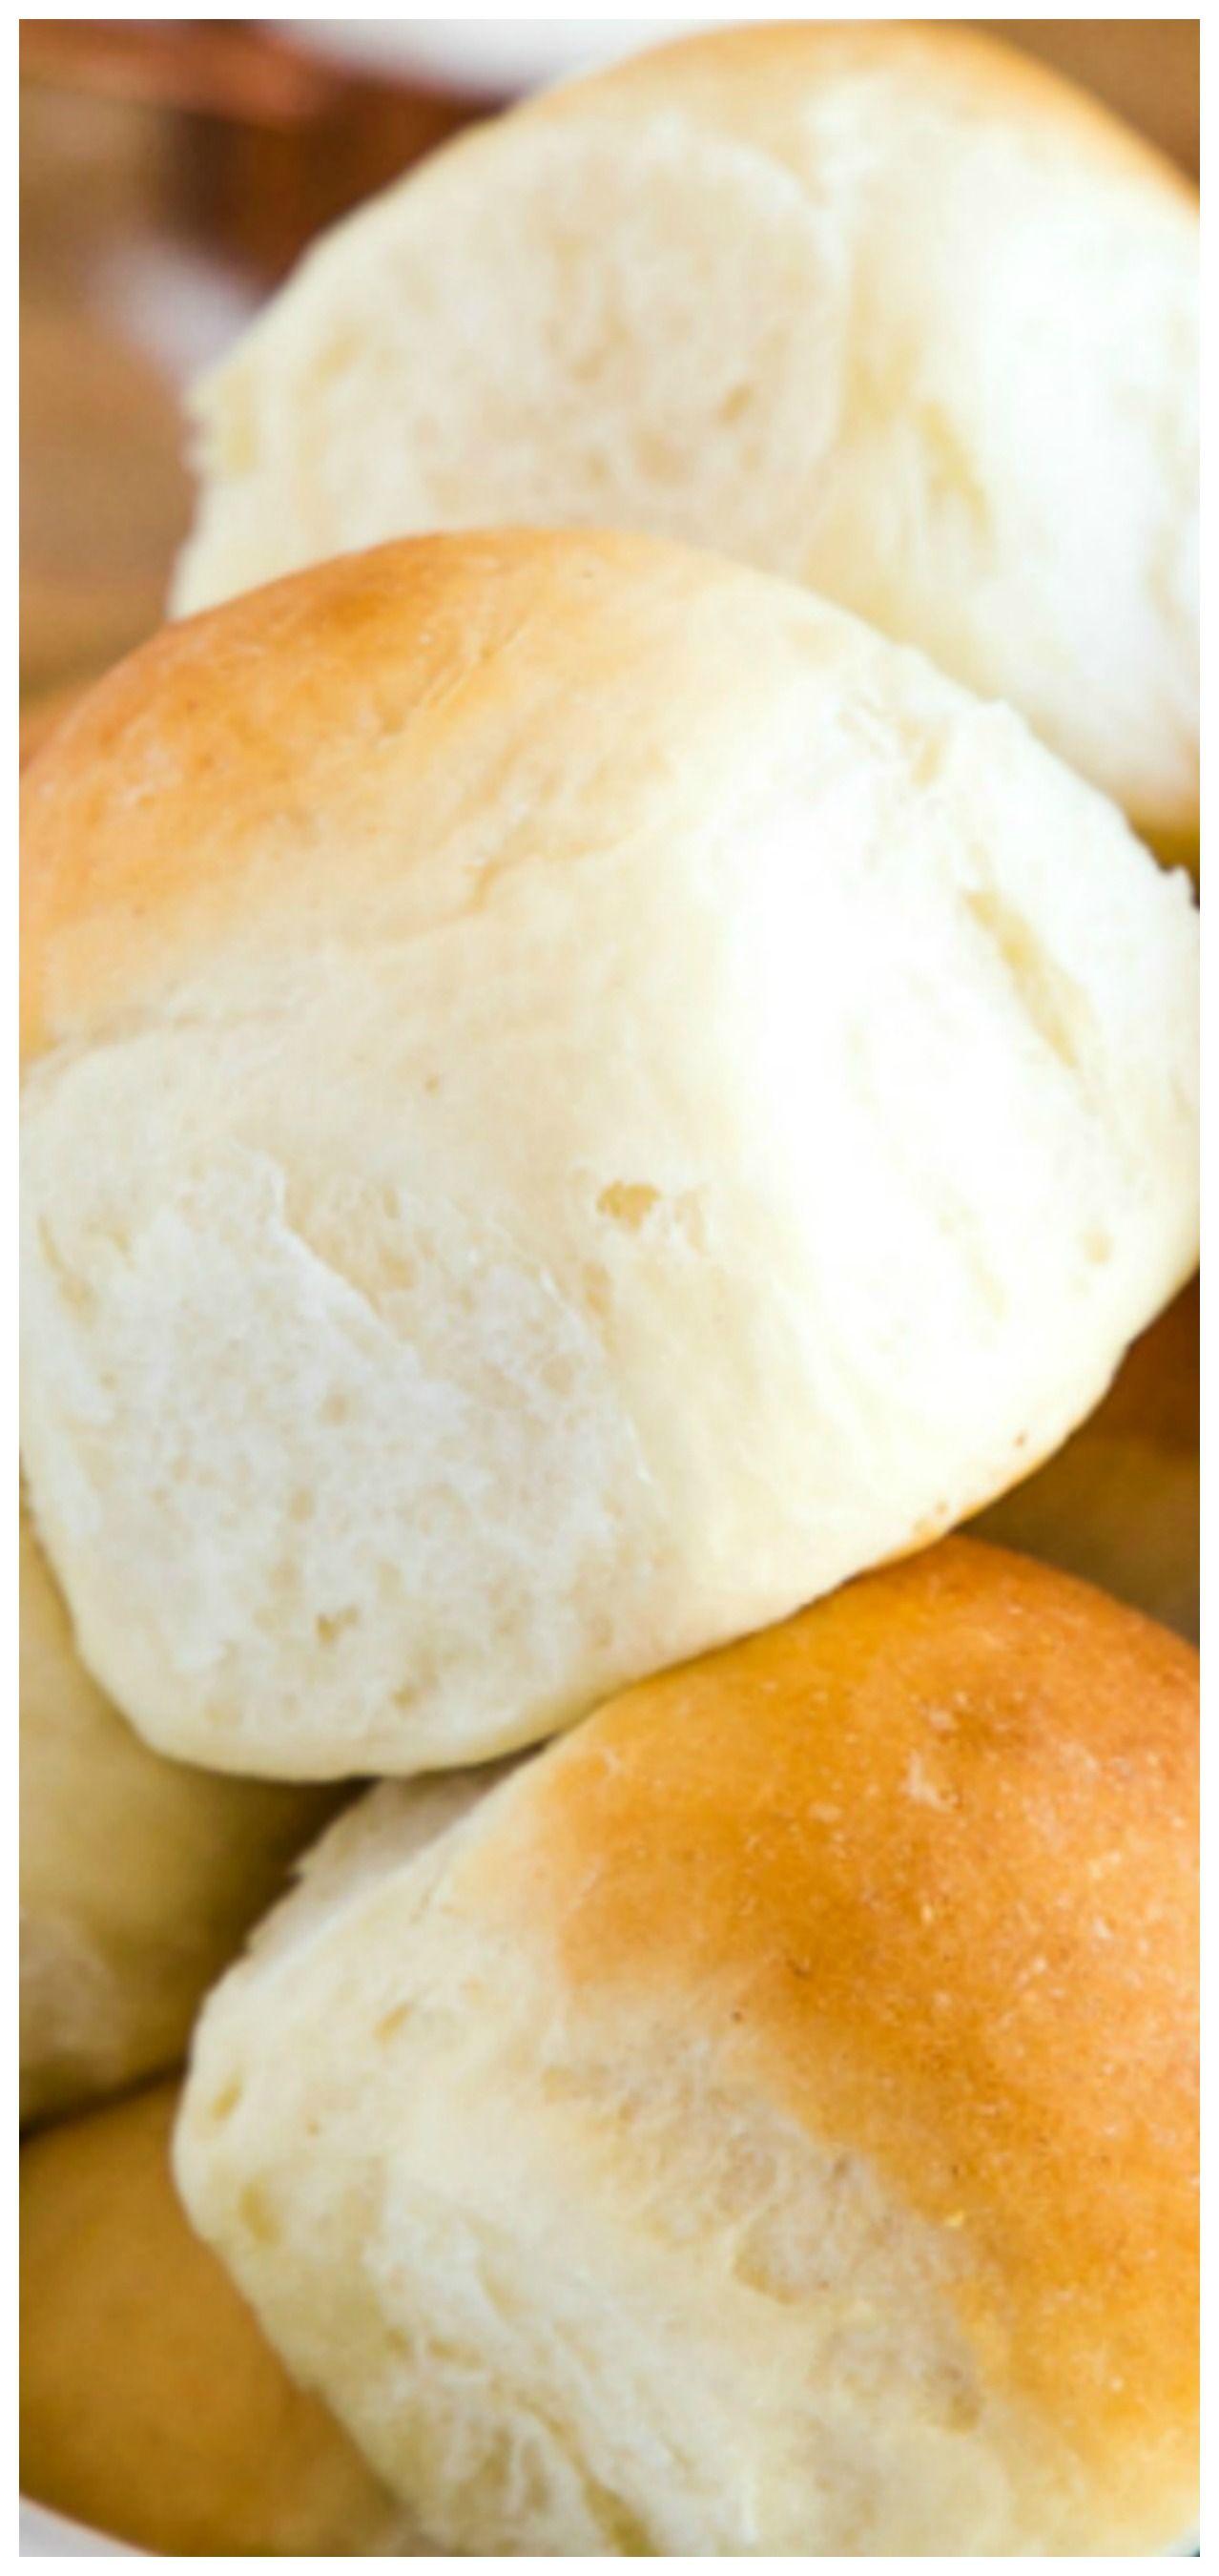 Easy Homemade Classic Buttermilk Buns Dinner Rolls The Busy Baker Recipe Homemade Buns Buttermilk Recipes Dinner Rolls